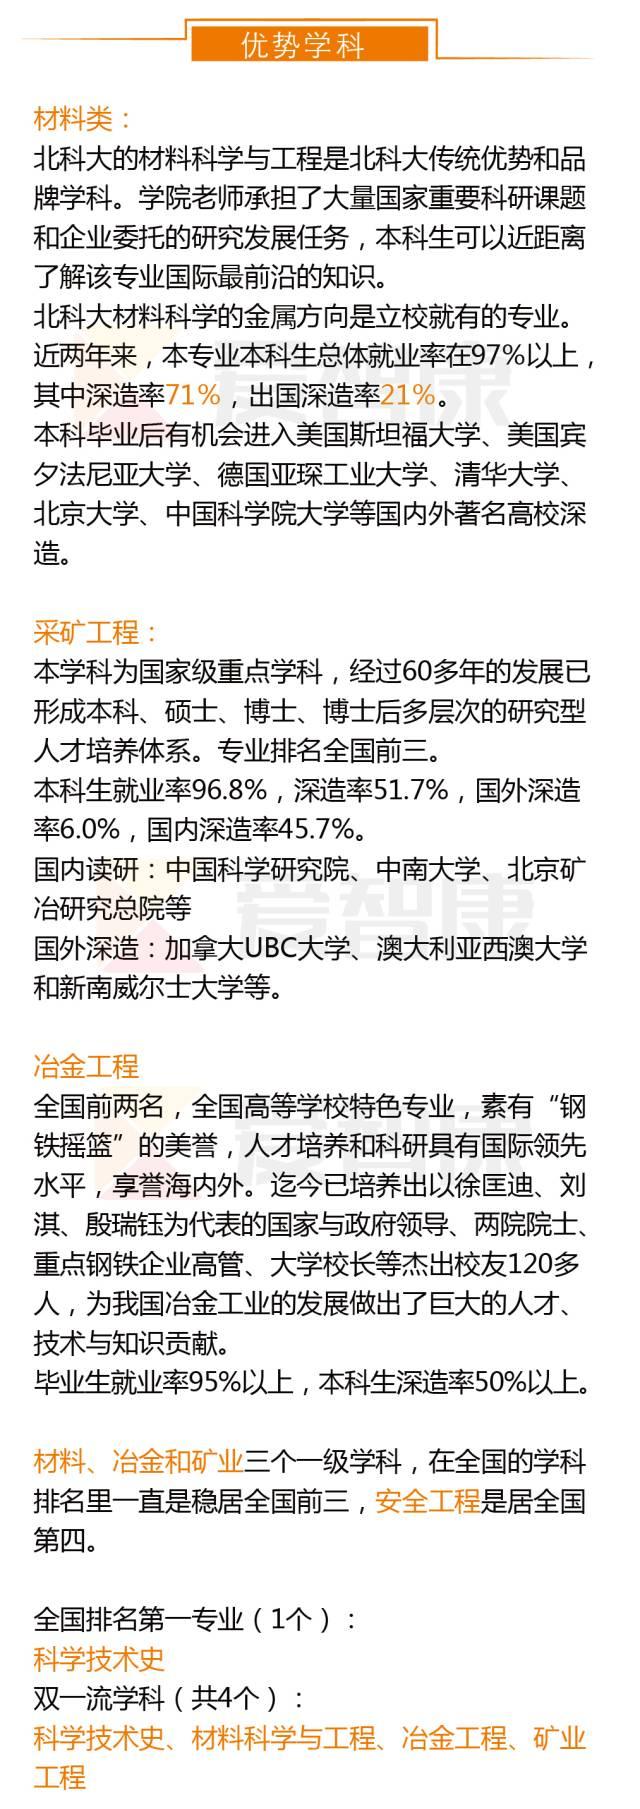 北京科技大学优势学科